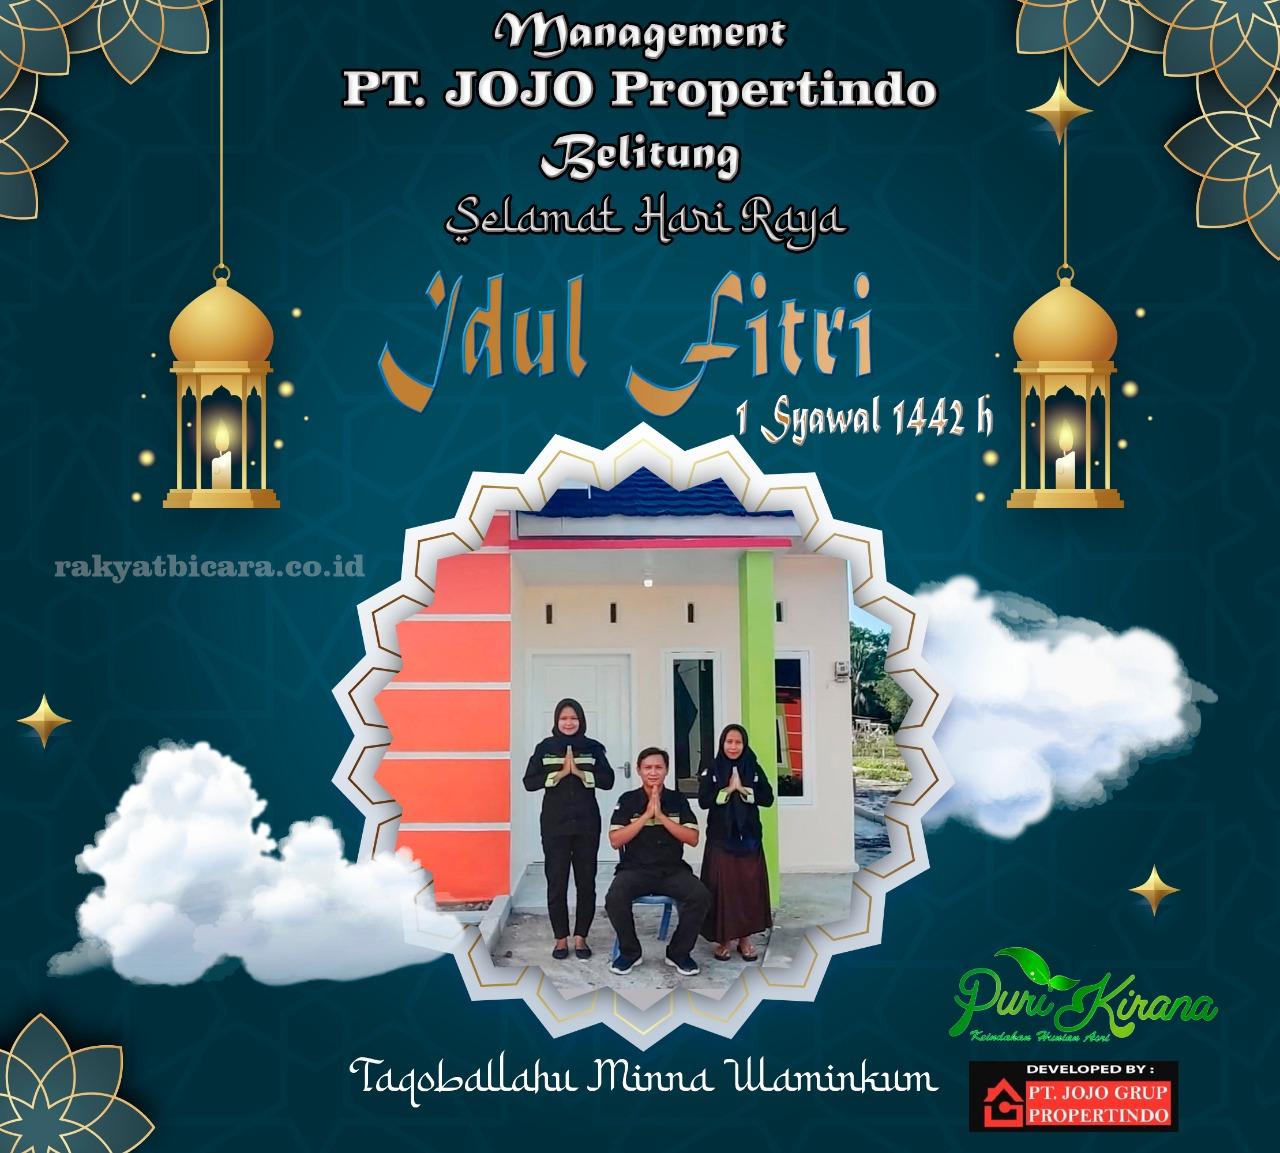 Management PT. JOJO Propertindo, Belitung Mengucapkan Selamat Idul Fitri 1 Syawal 1442 H